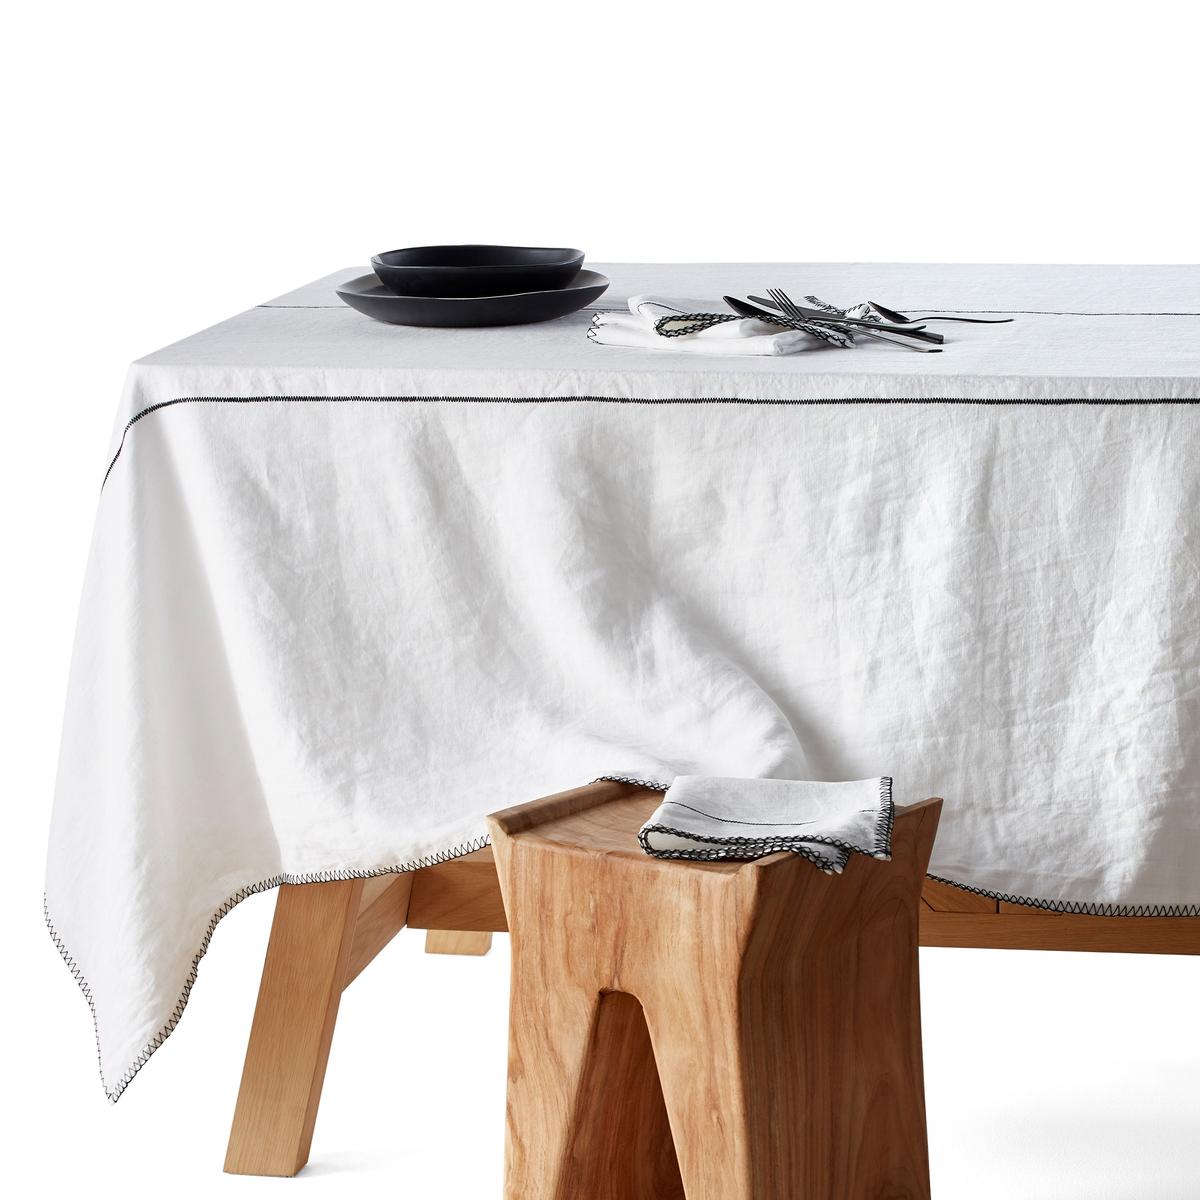 Скатерть LaRedoute Из льна Tojos 180 x 180 см белый